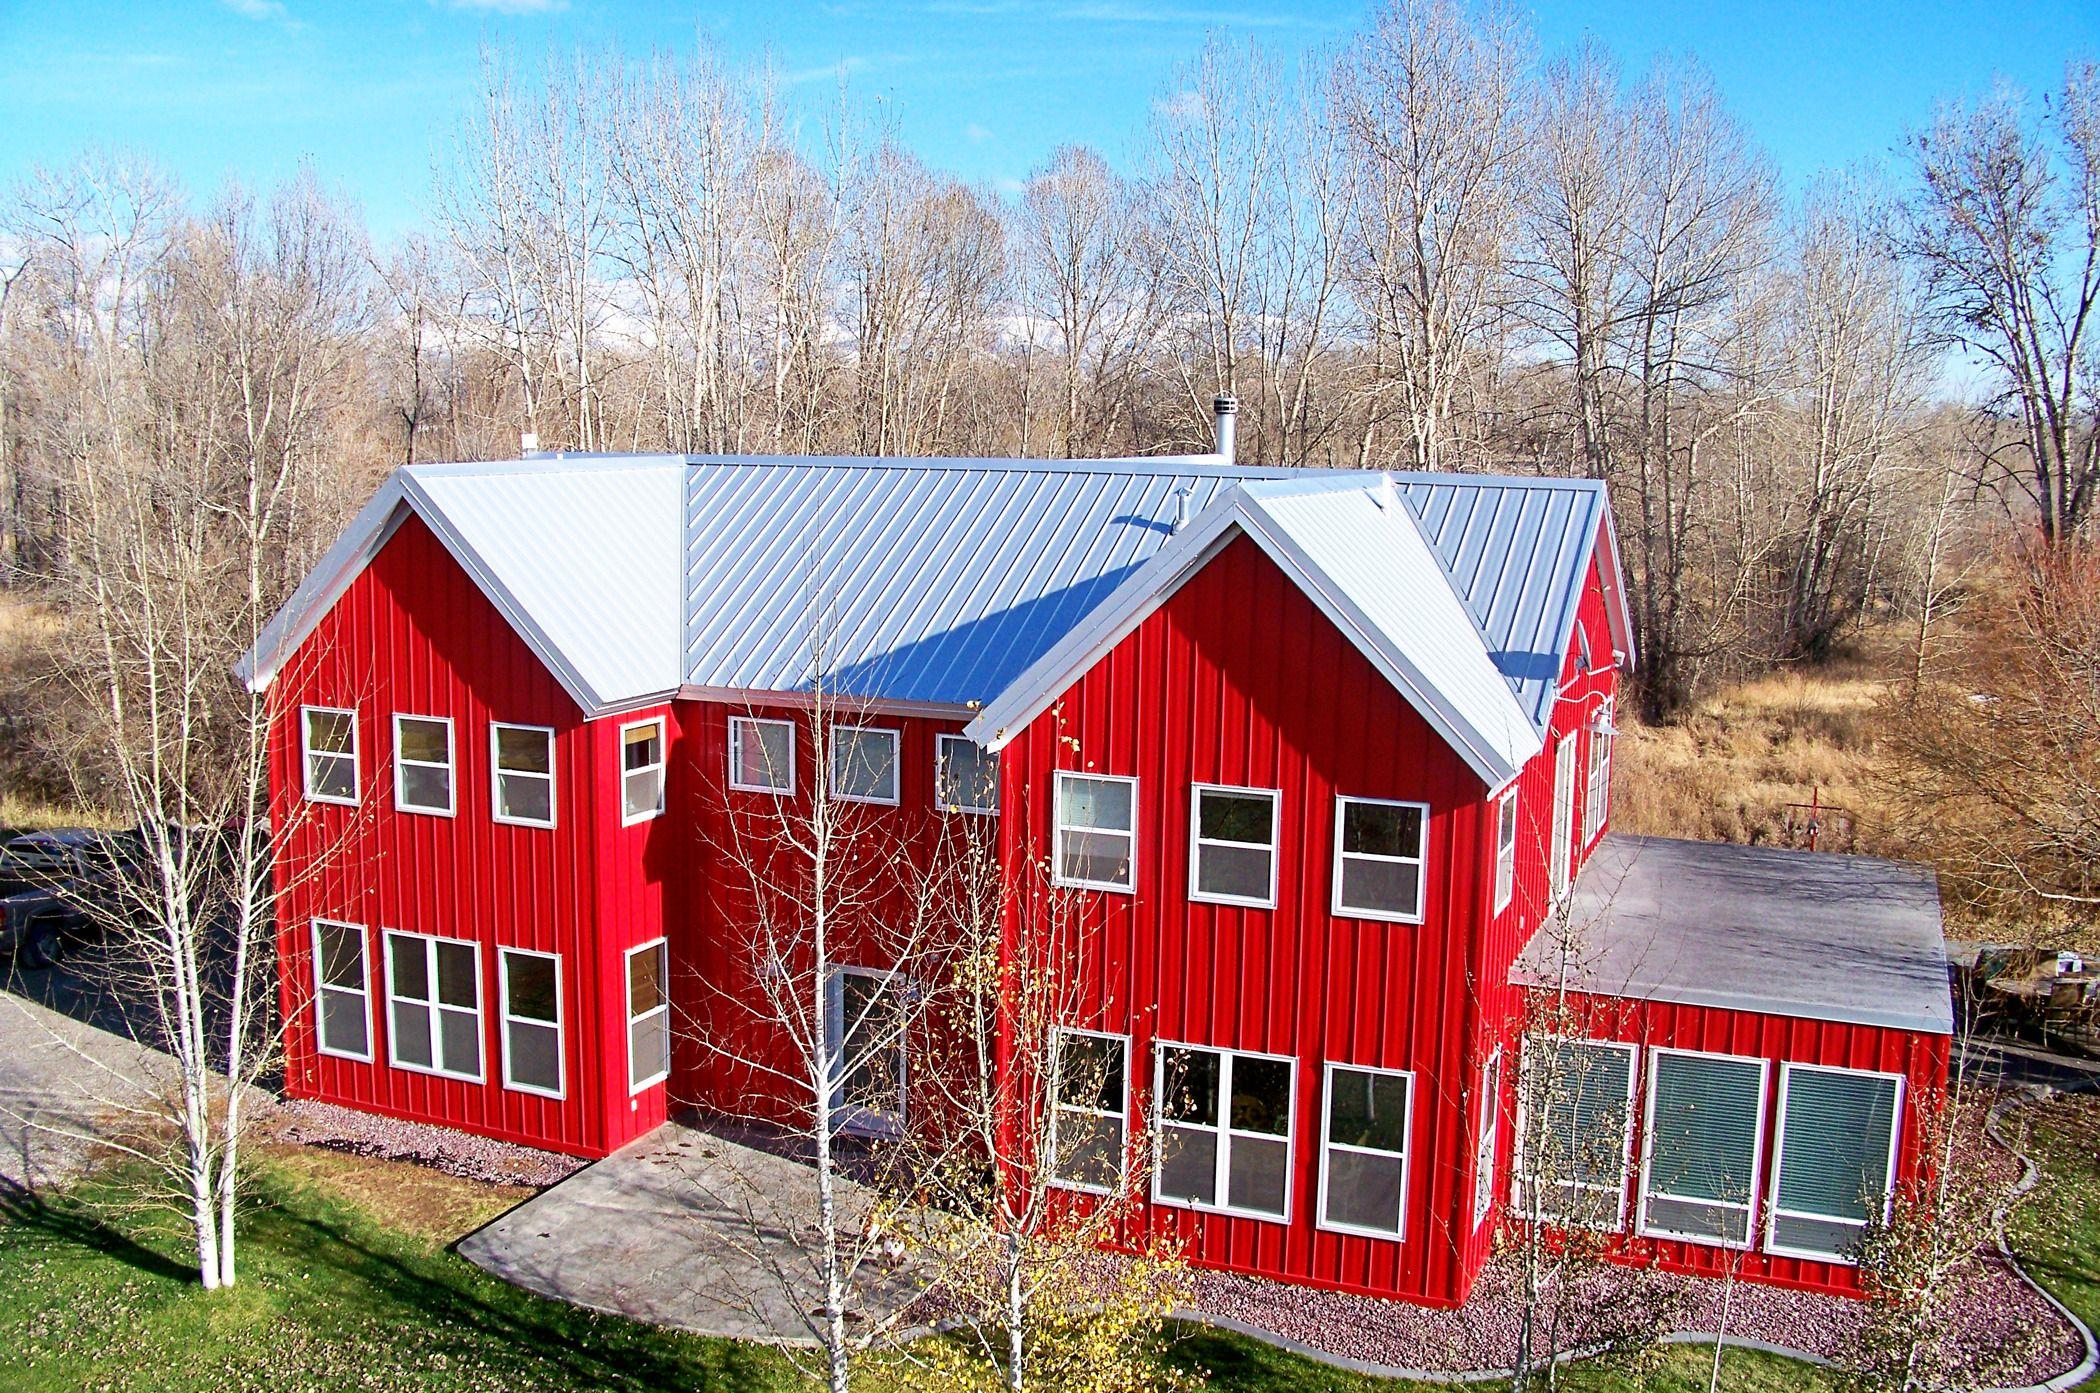 Metal Roofing By Bridger Steel Galvalume In Sl Nail Strip Bridgersteel Com Metal Roof Residential Metal Roofing Commercial Metal Roofing